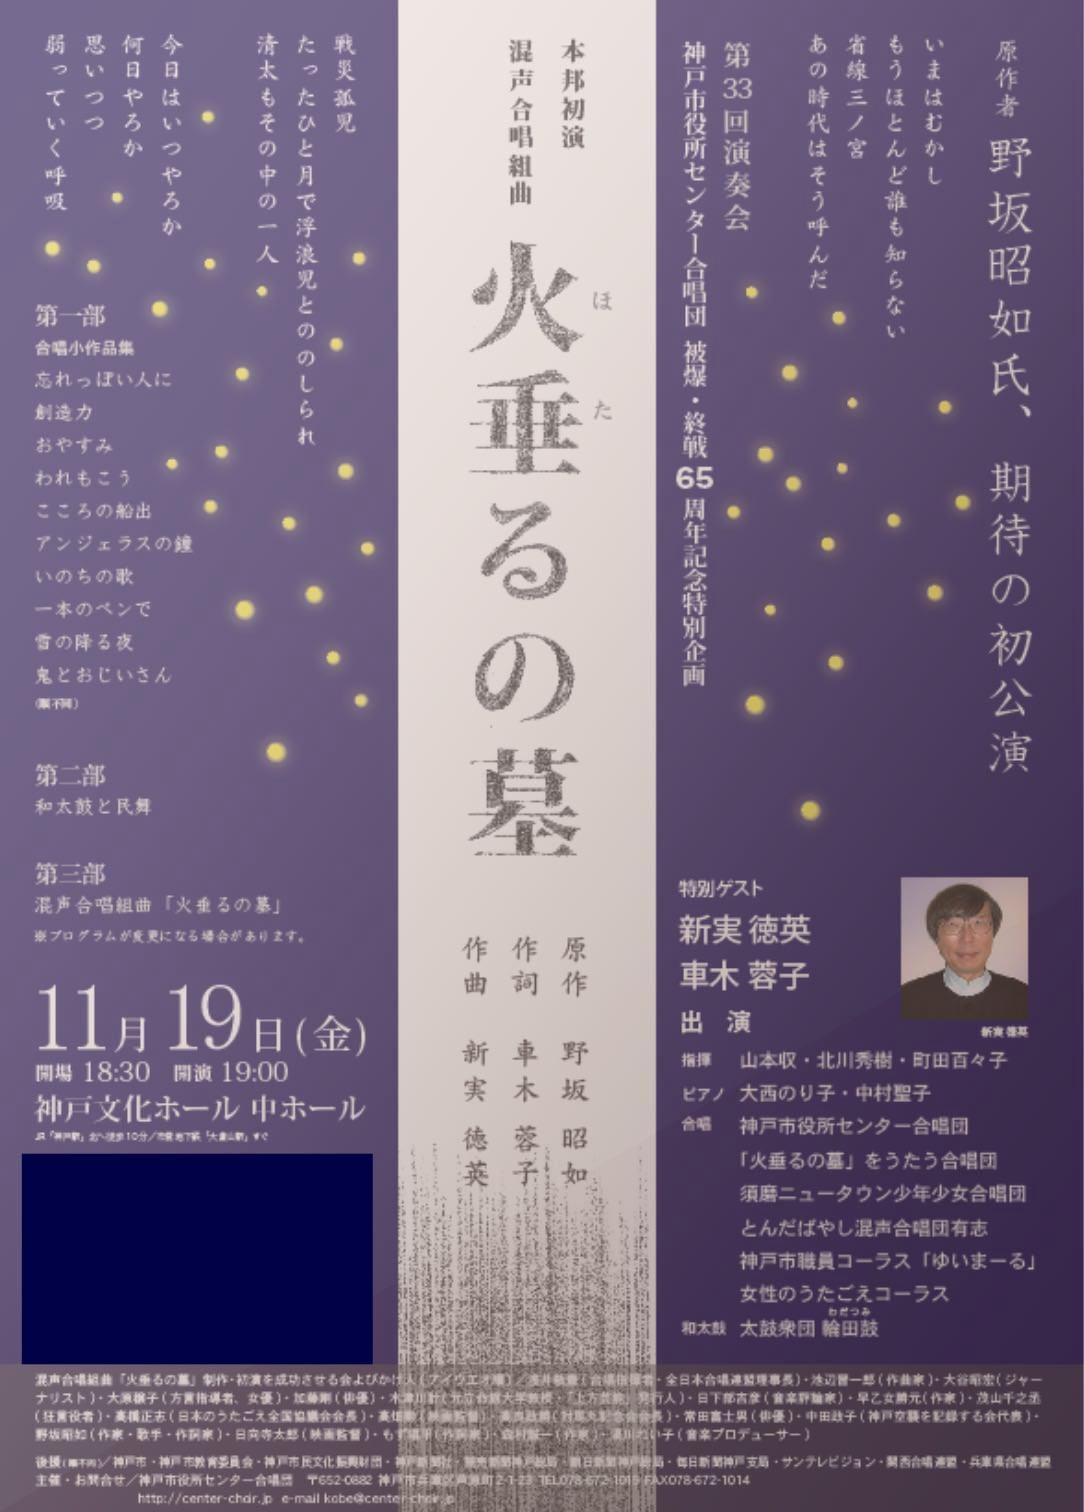 火垂るの墓(DVD)